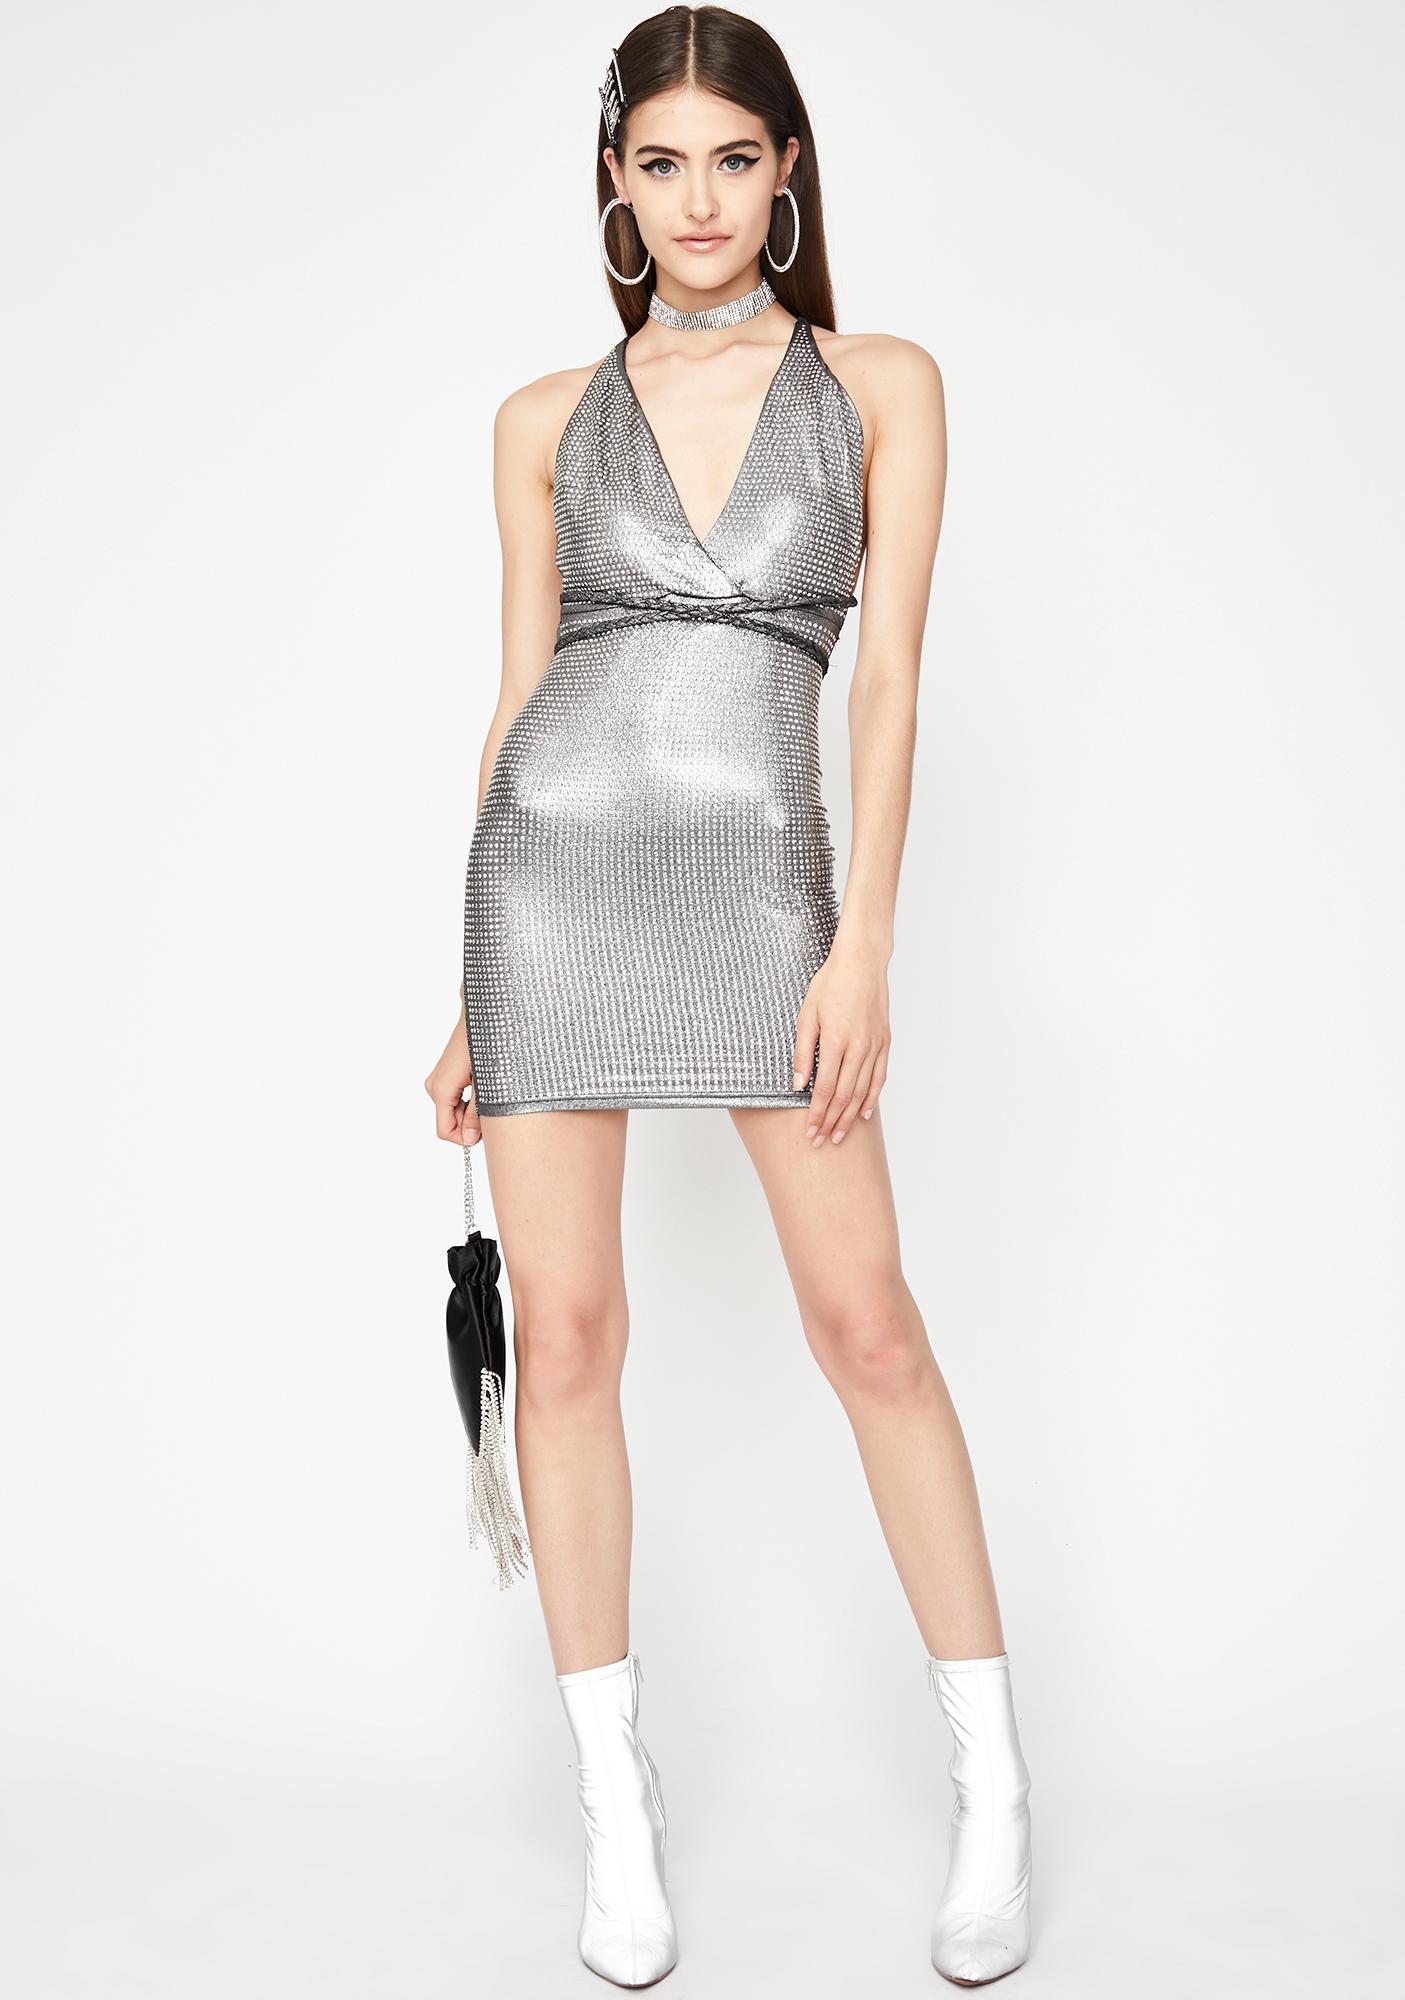 Dark High Class Hunty Metallic Dress